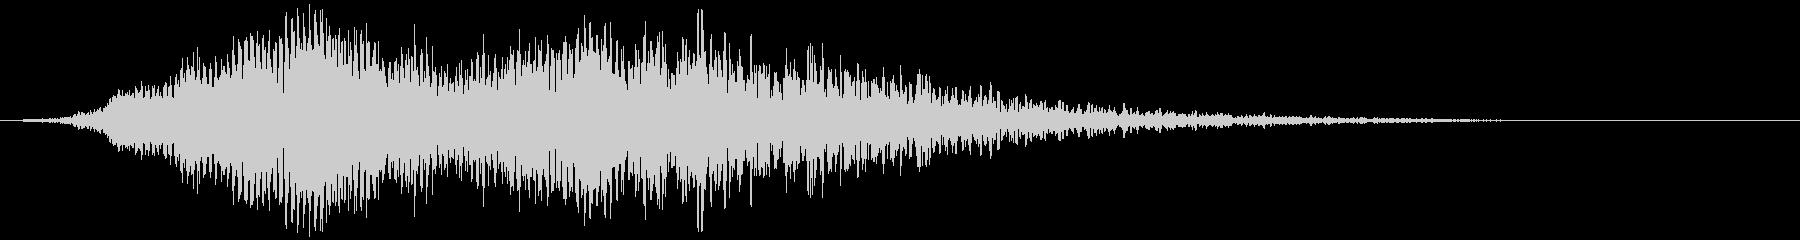 【ホラー演出】SFX_54 グワワワワッの未再生の波形